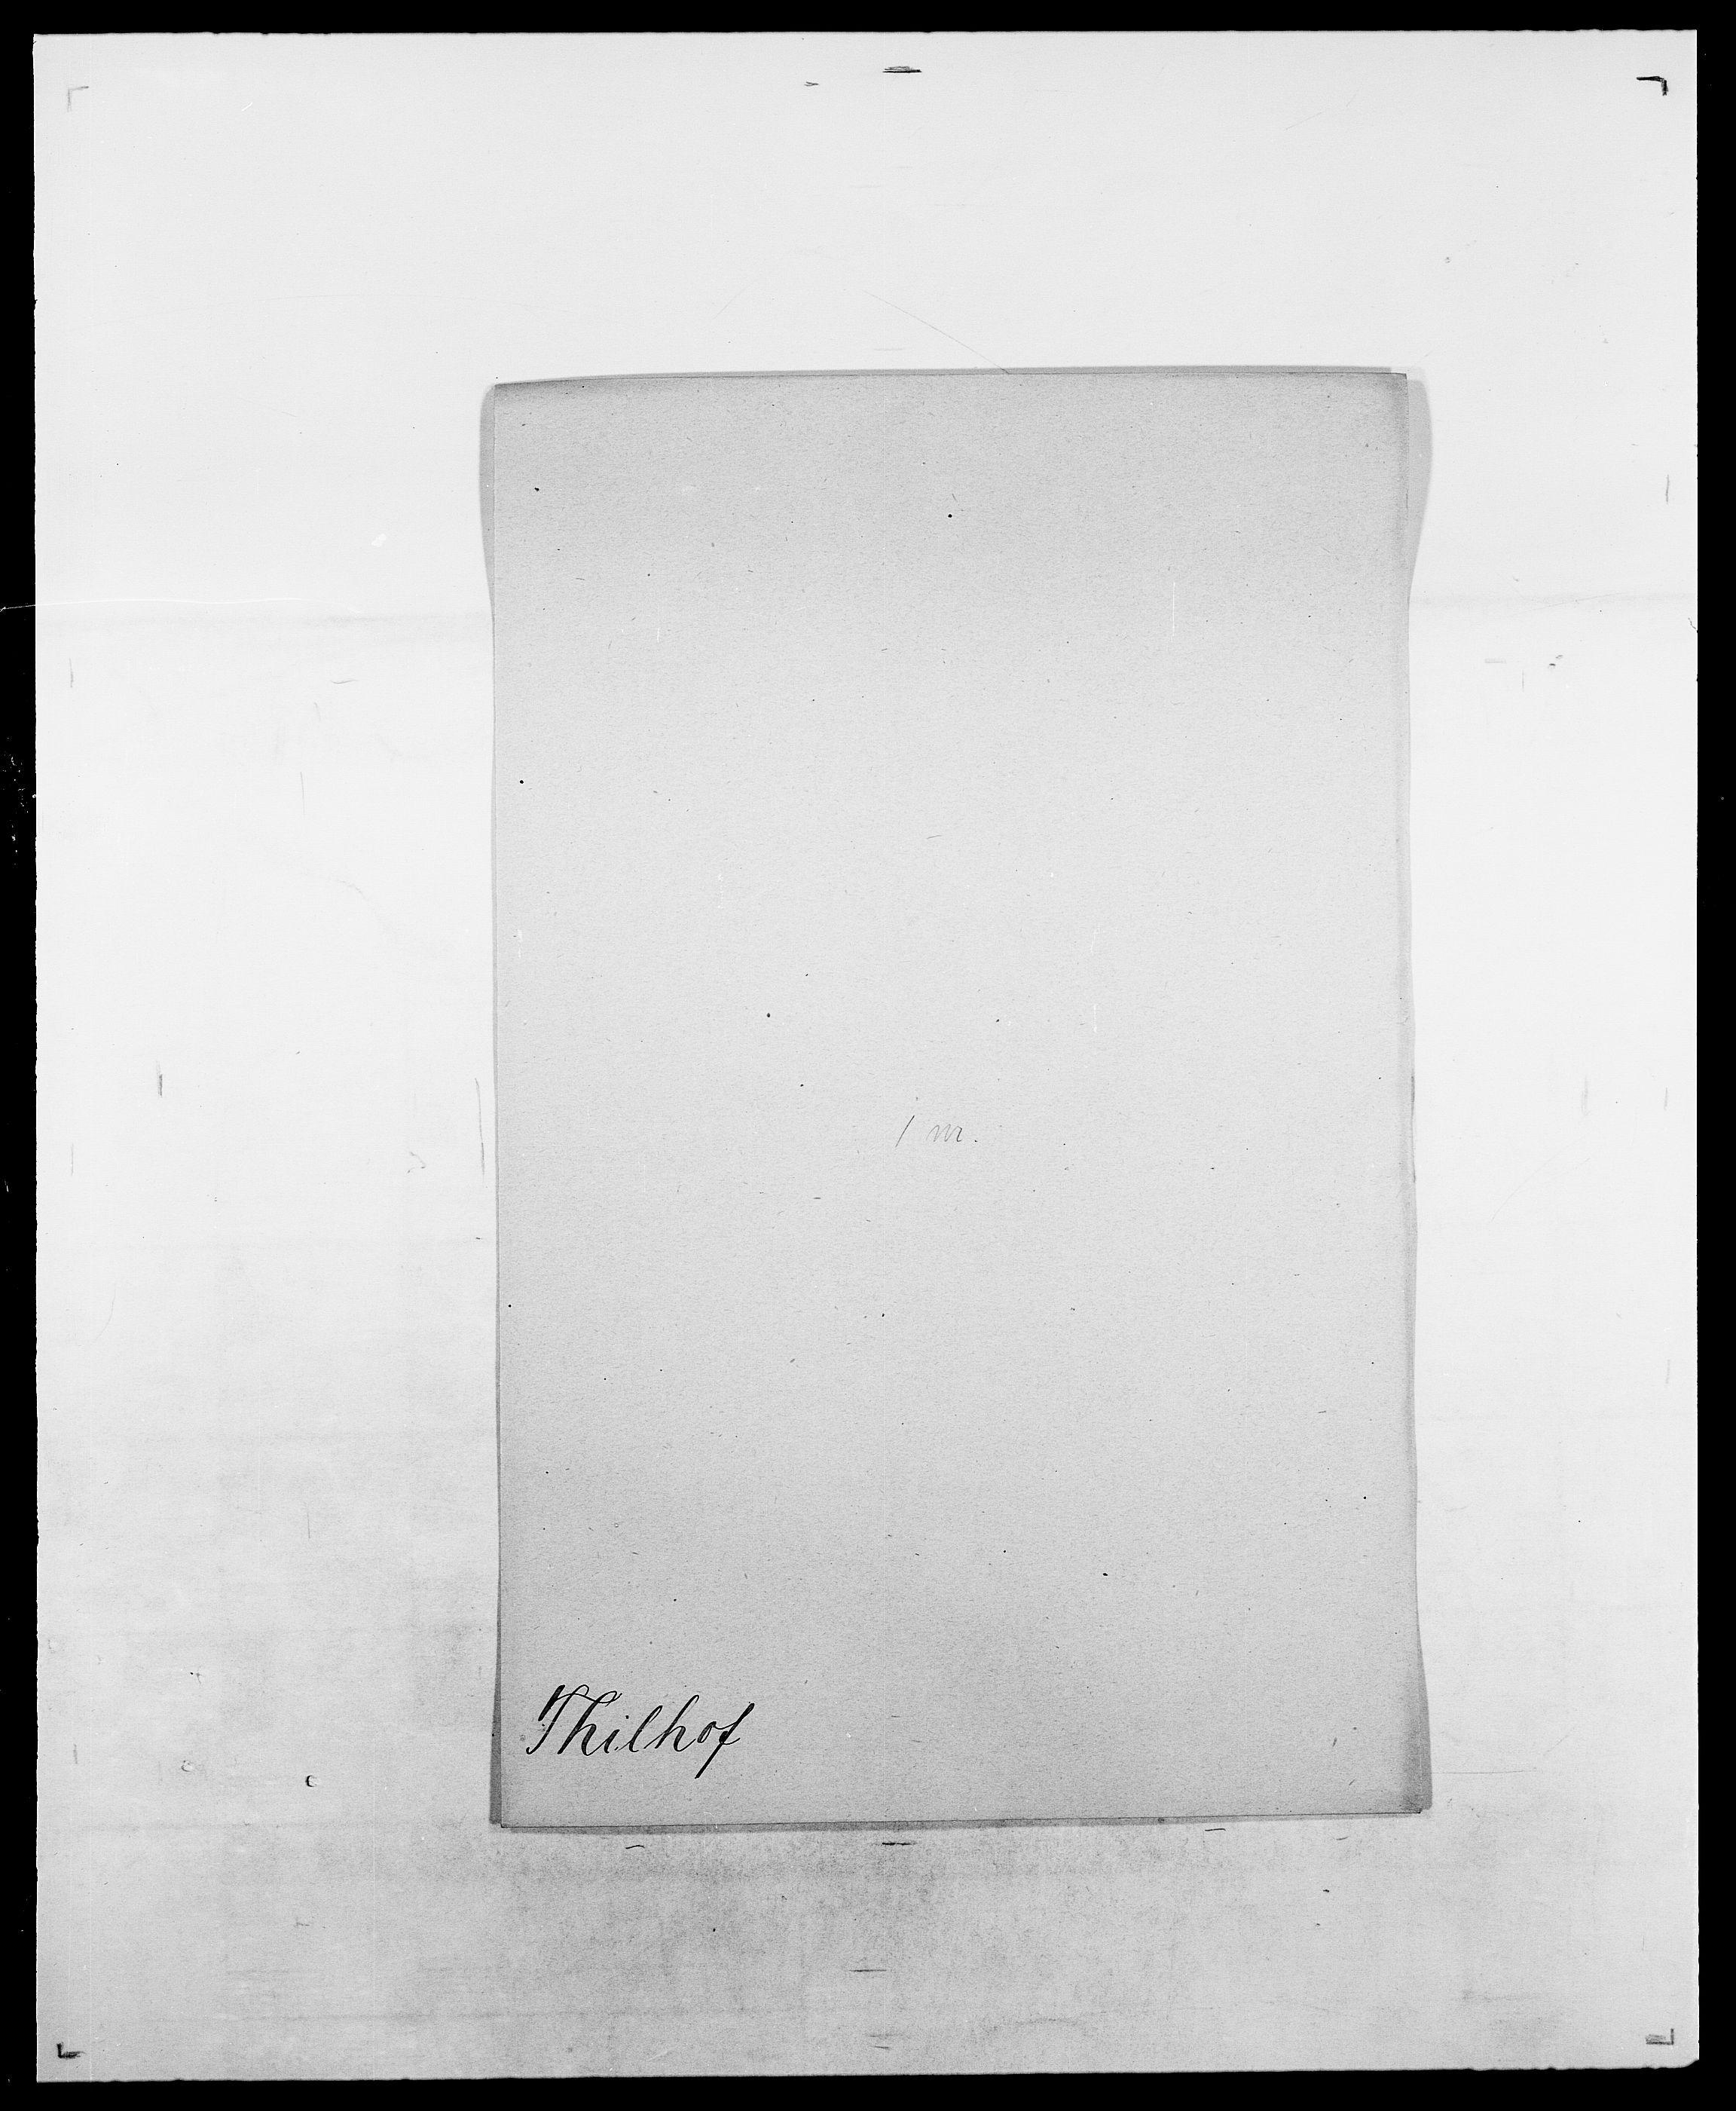 SAO, Delgobe, Charles Antoine - samling, D/Da/L0038: Svanenskjold - Thornsohn, s. 724